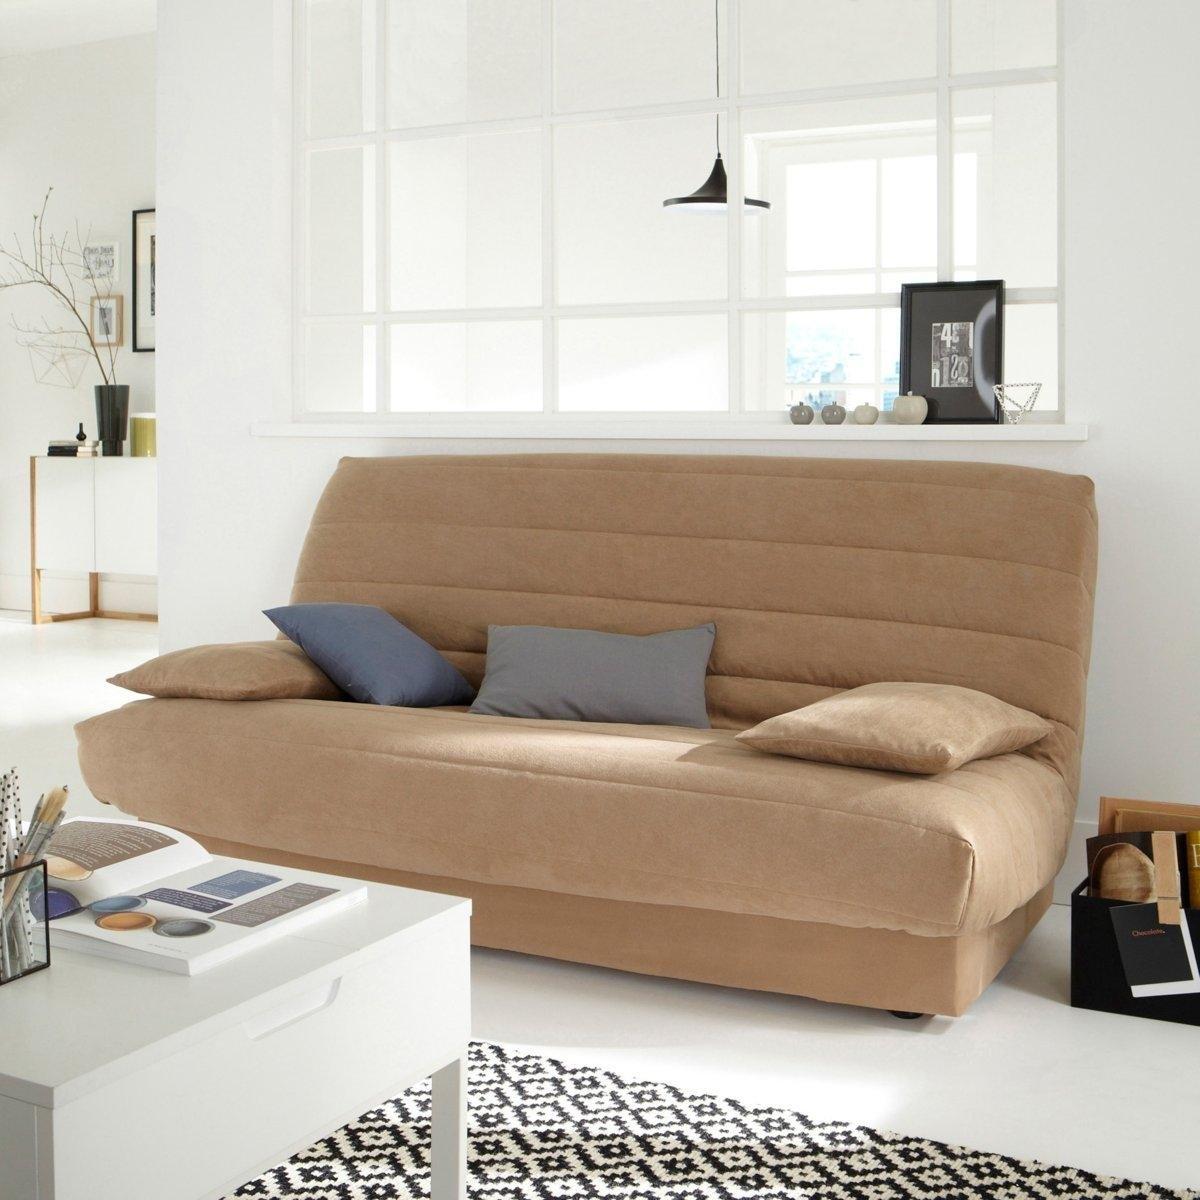 Чехол для раскладного дивана из искусственной замшиЧехол для раскладного дивана из очень мягкой и бархатистой искусственной замши. Модель хорошо обтягивает диван (частично сзади).Характеристики чехла для раскладного дивана из искусственной замши:- 100 % полиэстер.- Наполнитель из полиэстера, 120 г/м?.Эластичные края.- Размеры : ширина 190 см, глубина 65 см.- Стирка при 30°.<br><br>Цвет: красный,светло-желто-каштановый,серый жемчужный,шоколадно-каштановый